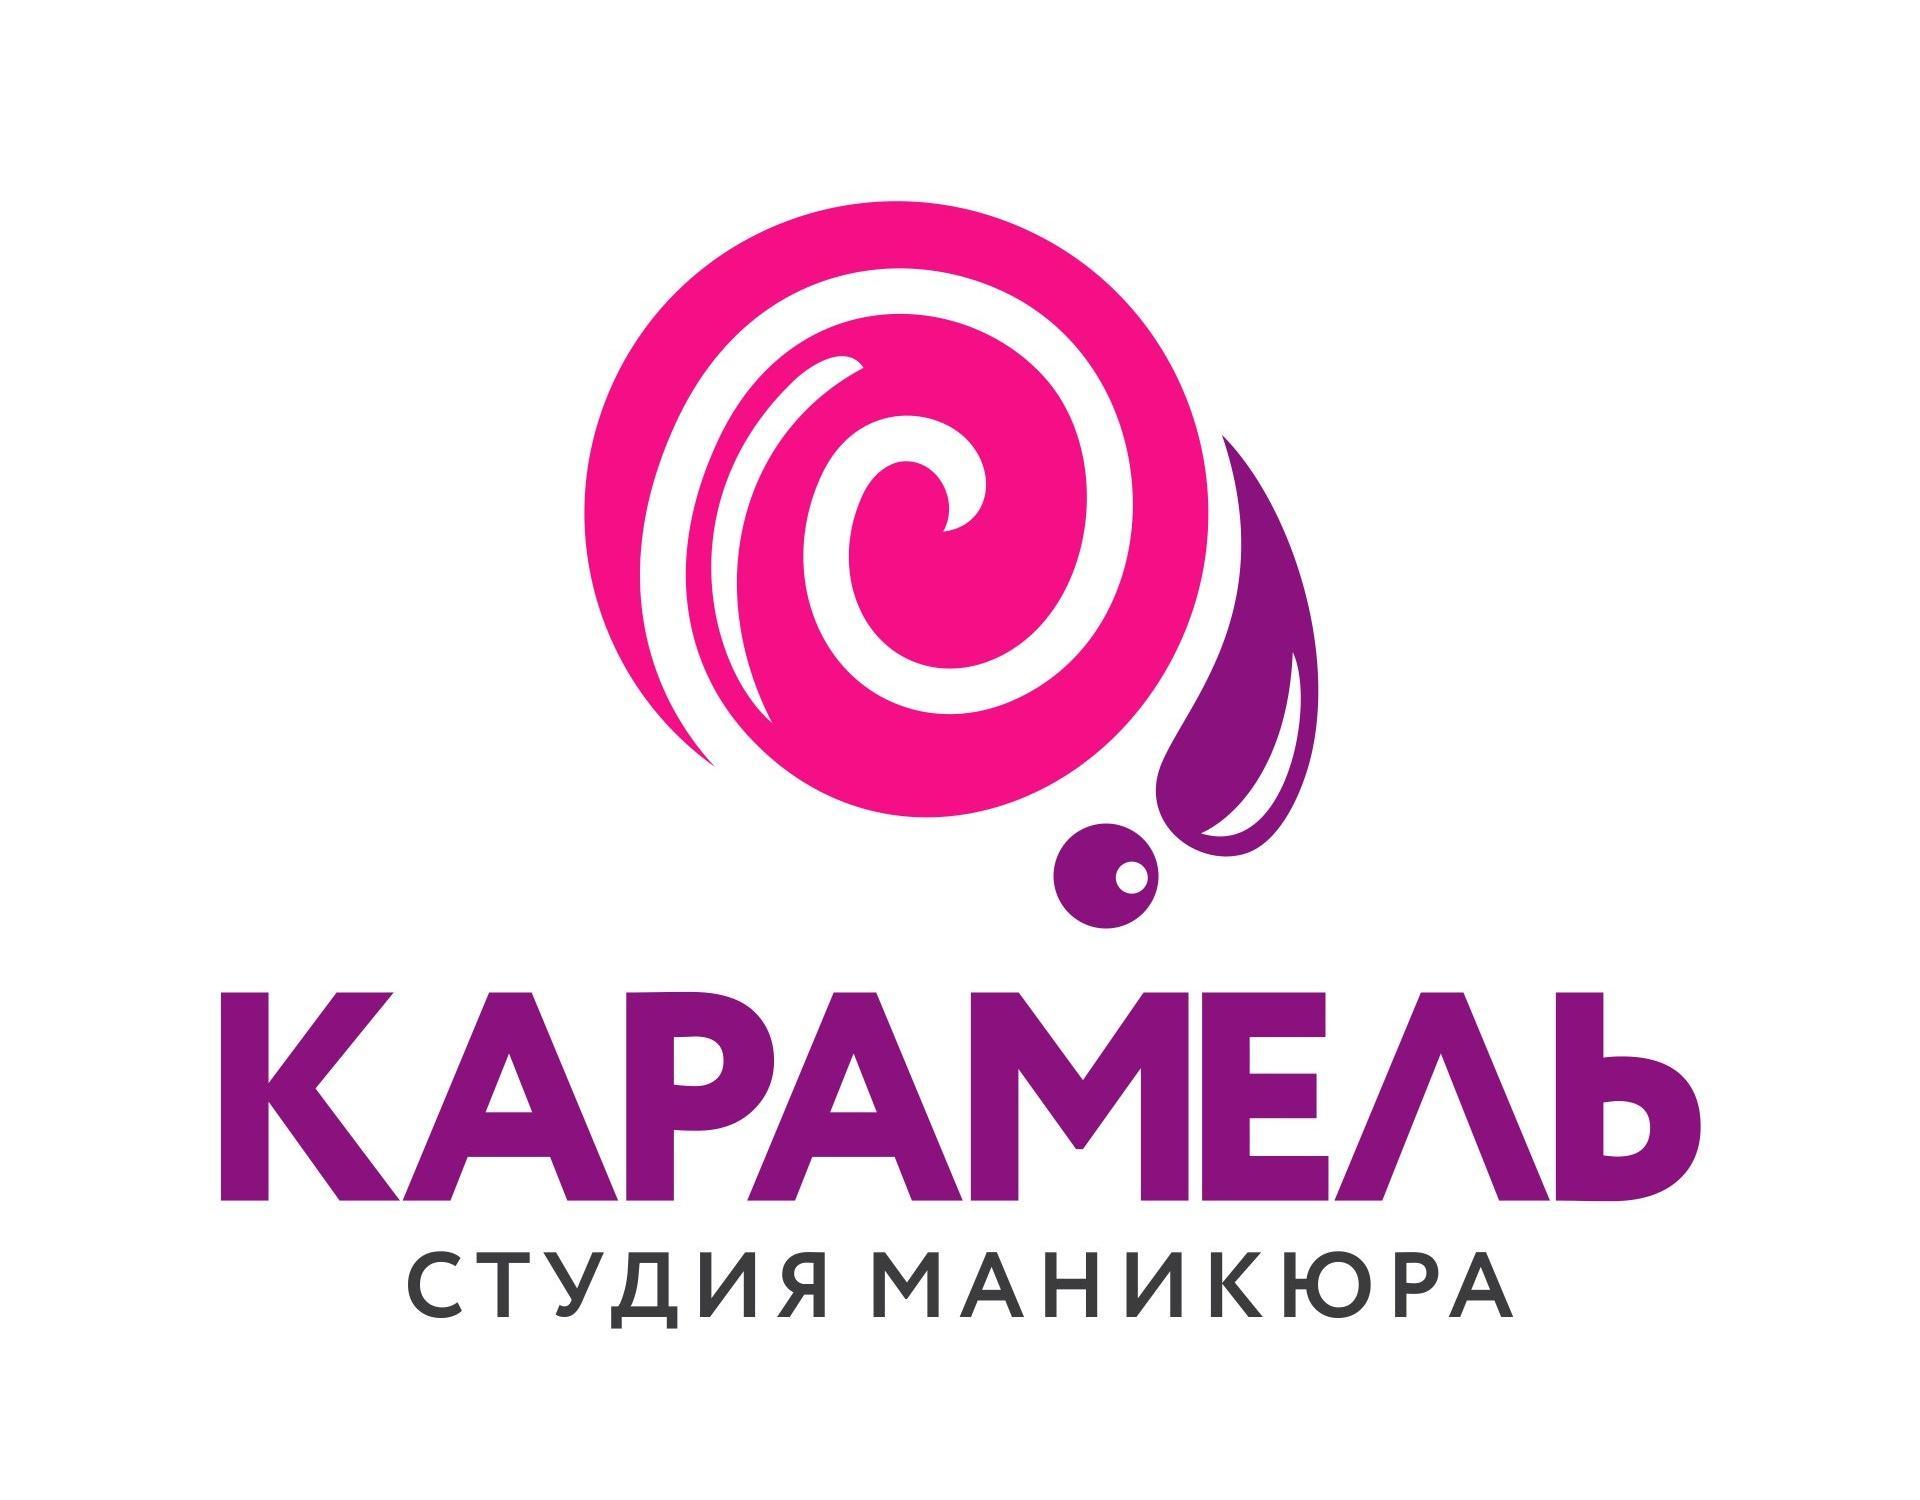 фотография Салона маникюра Карамель на Ленинградской улице, 27